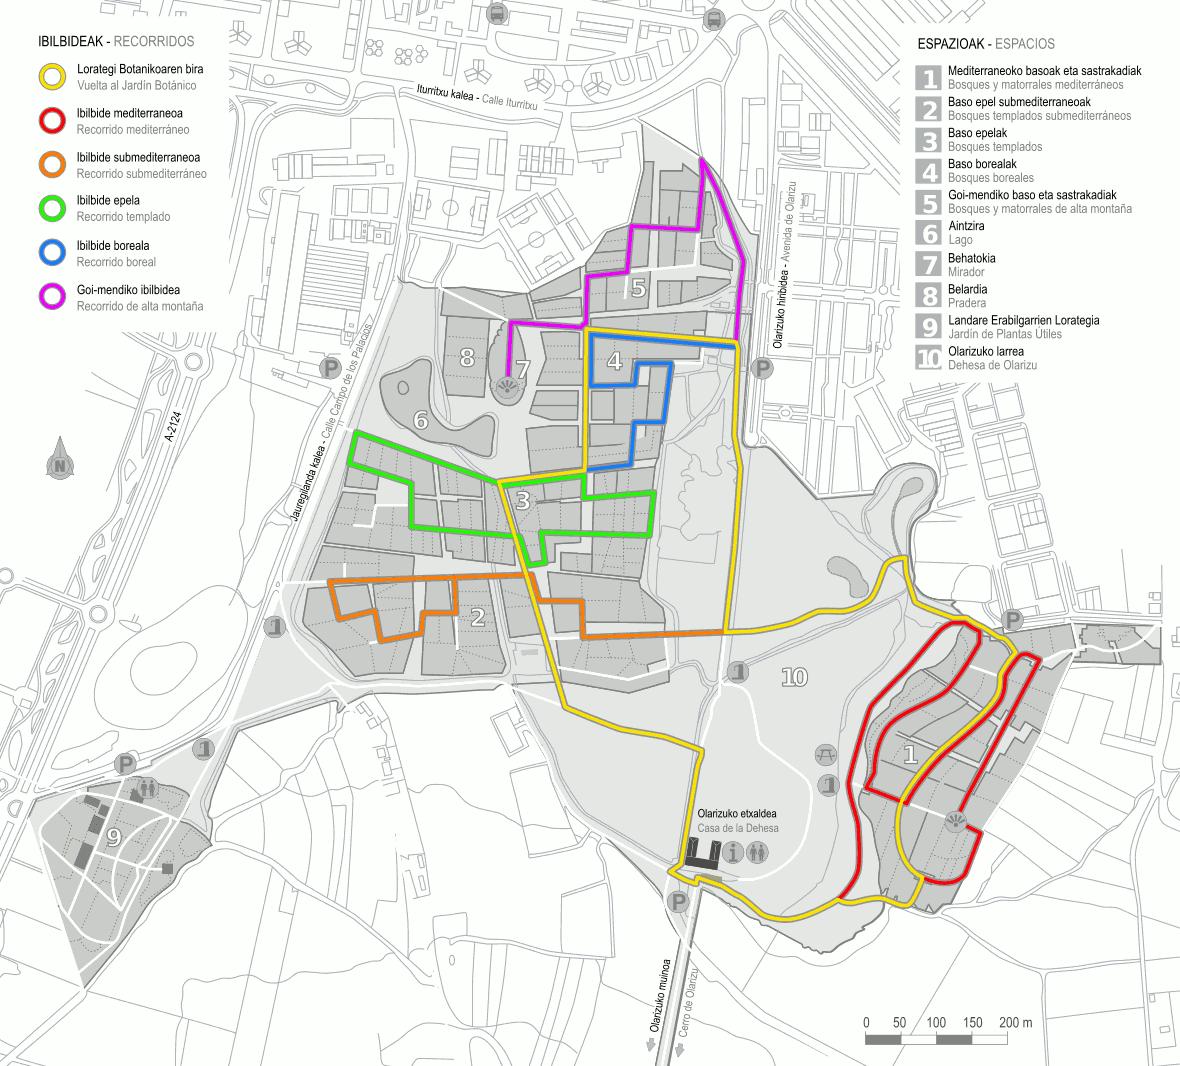 Mapa de los itinerarios